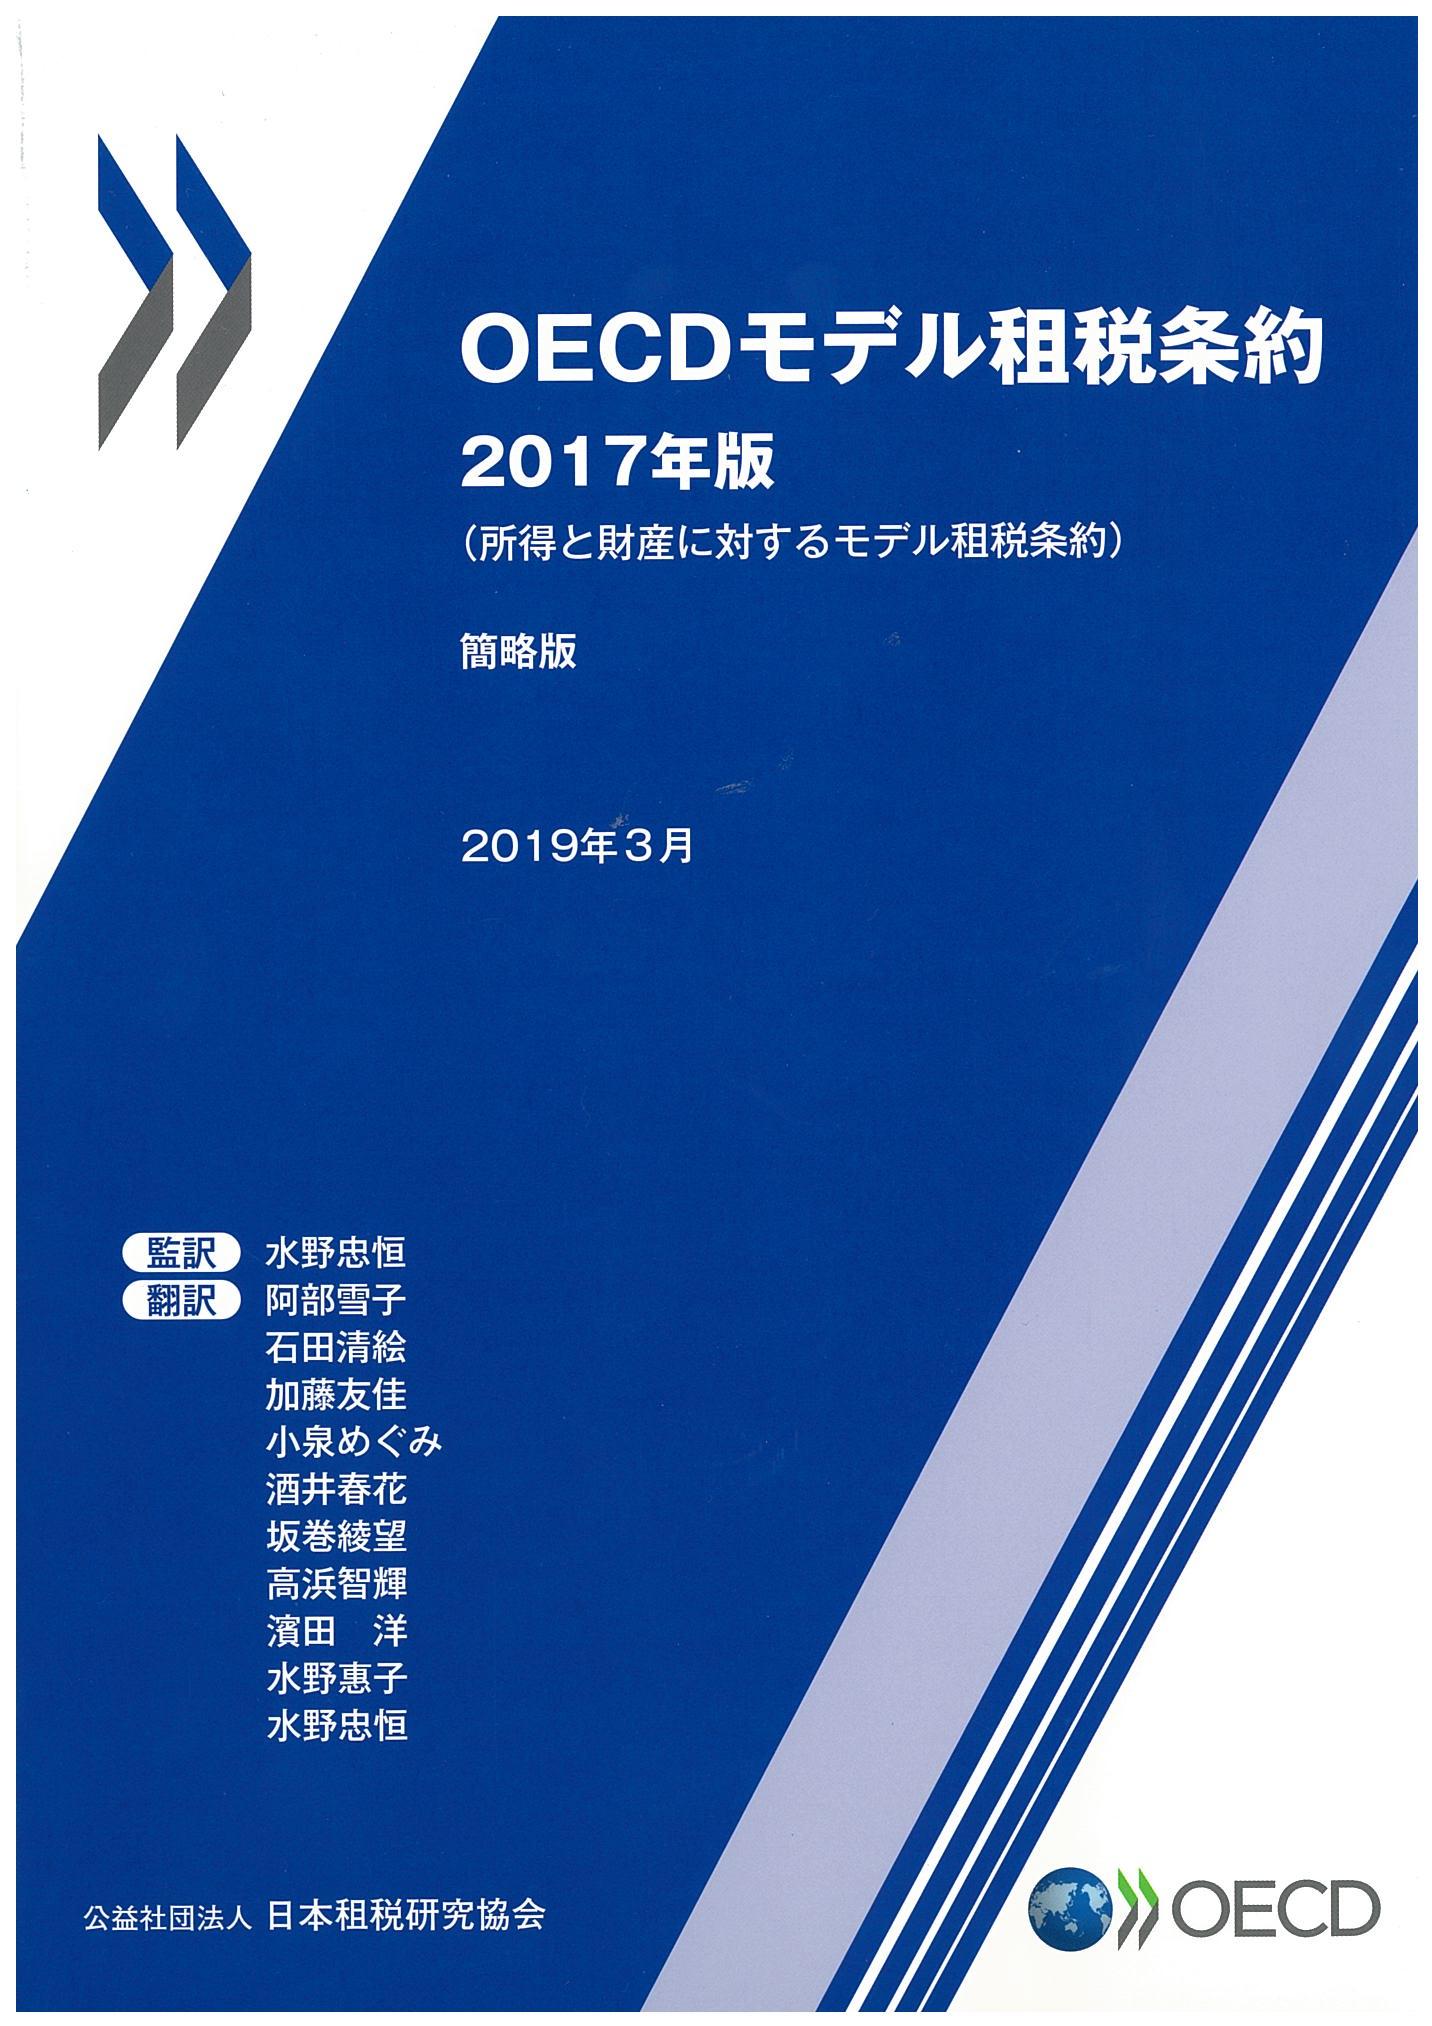 OECDモデル租税条約 2017年版(簡略版)